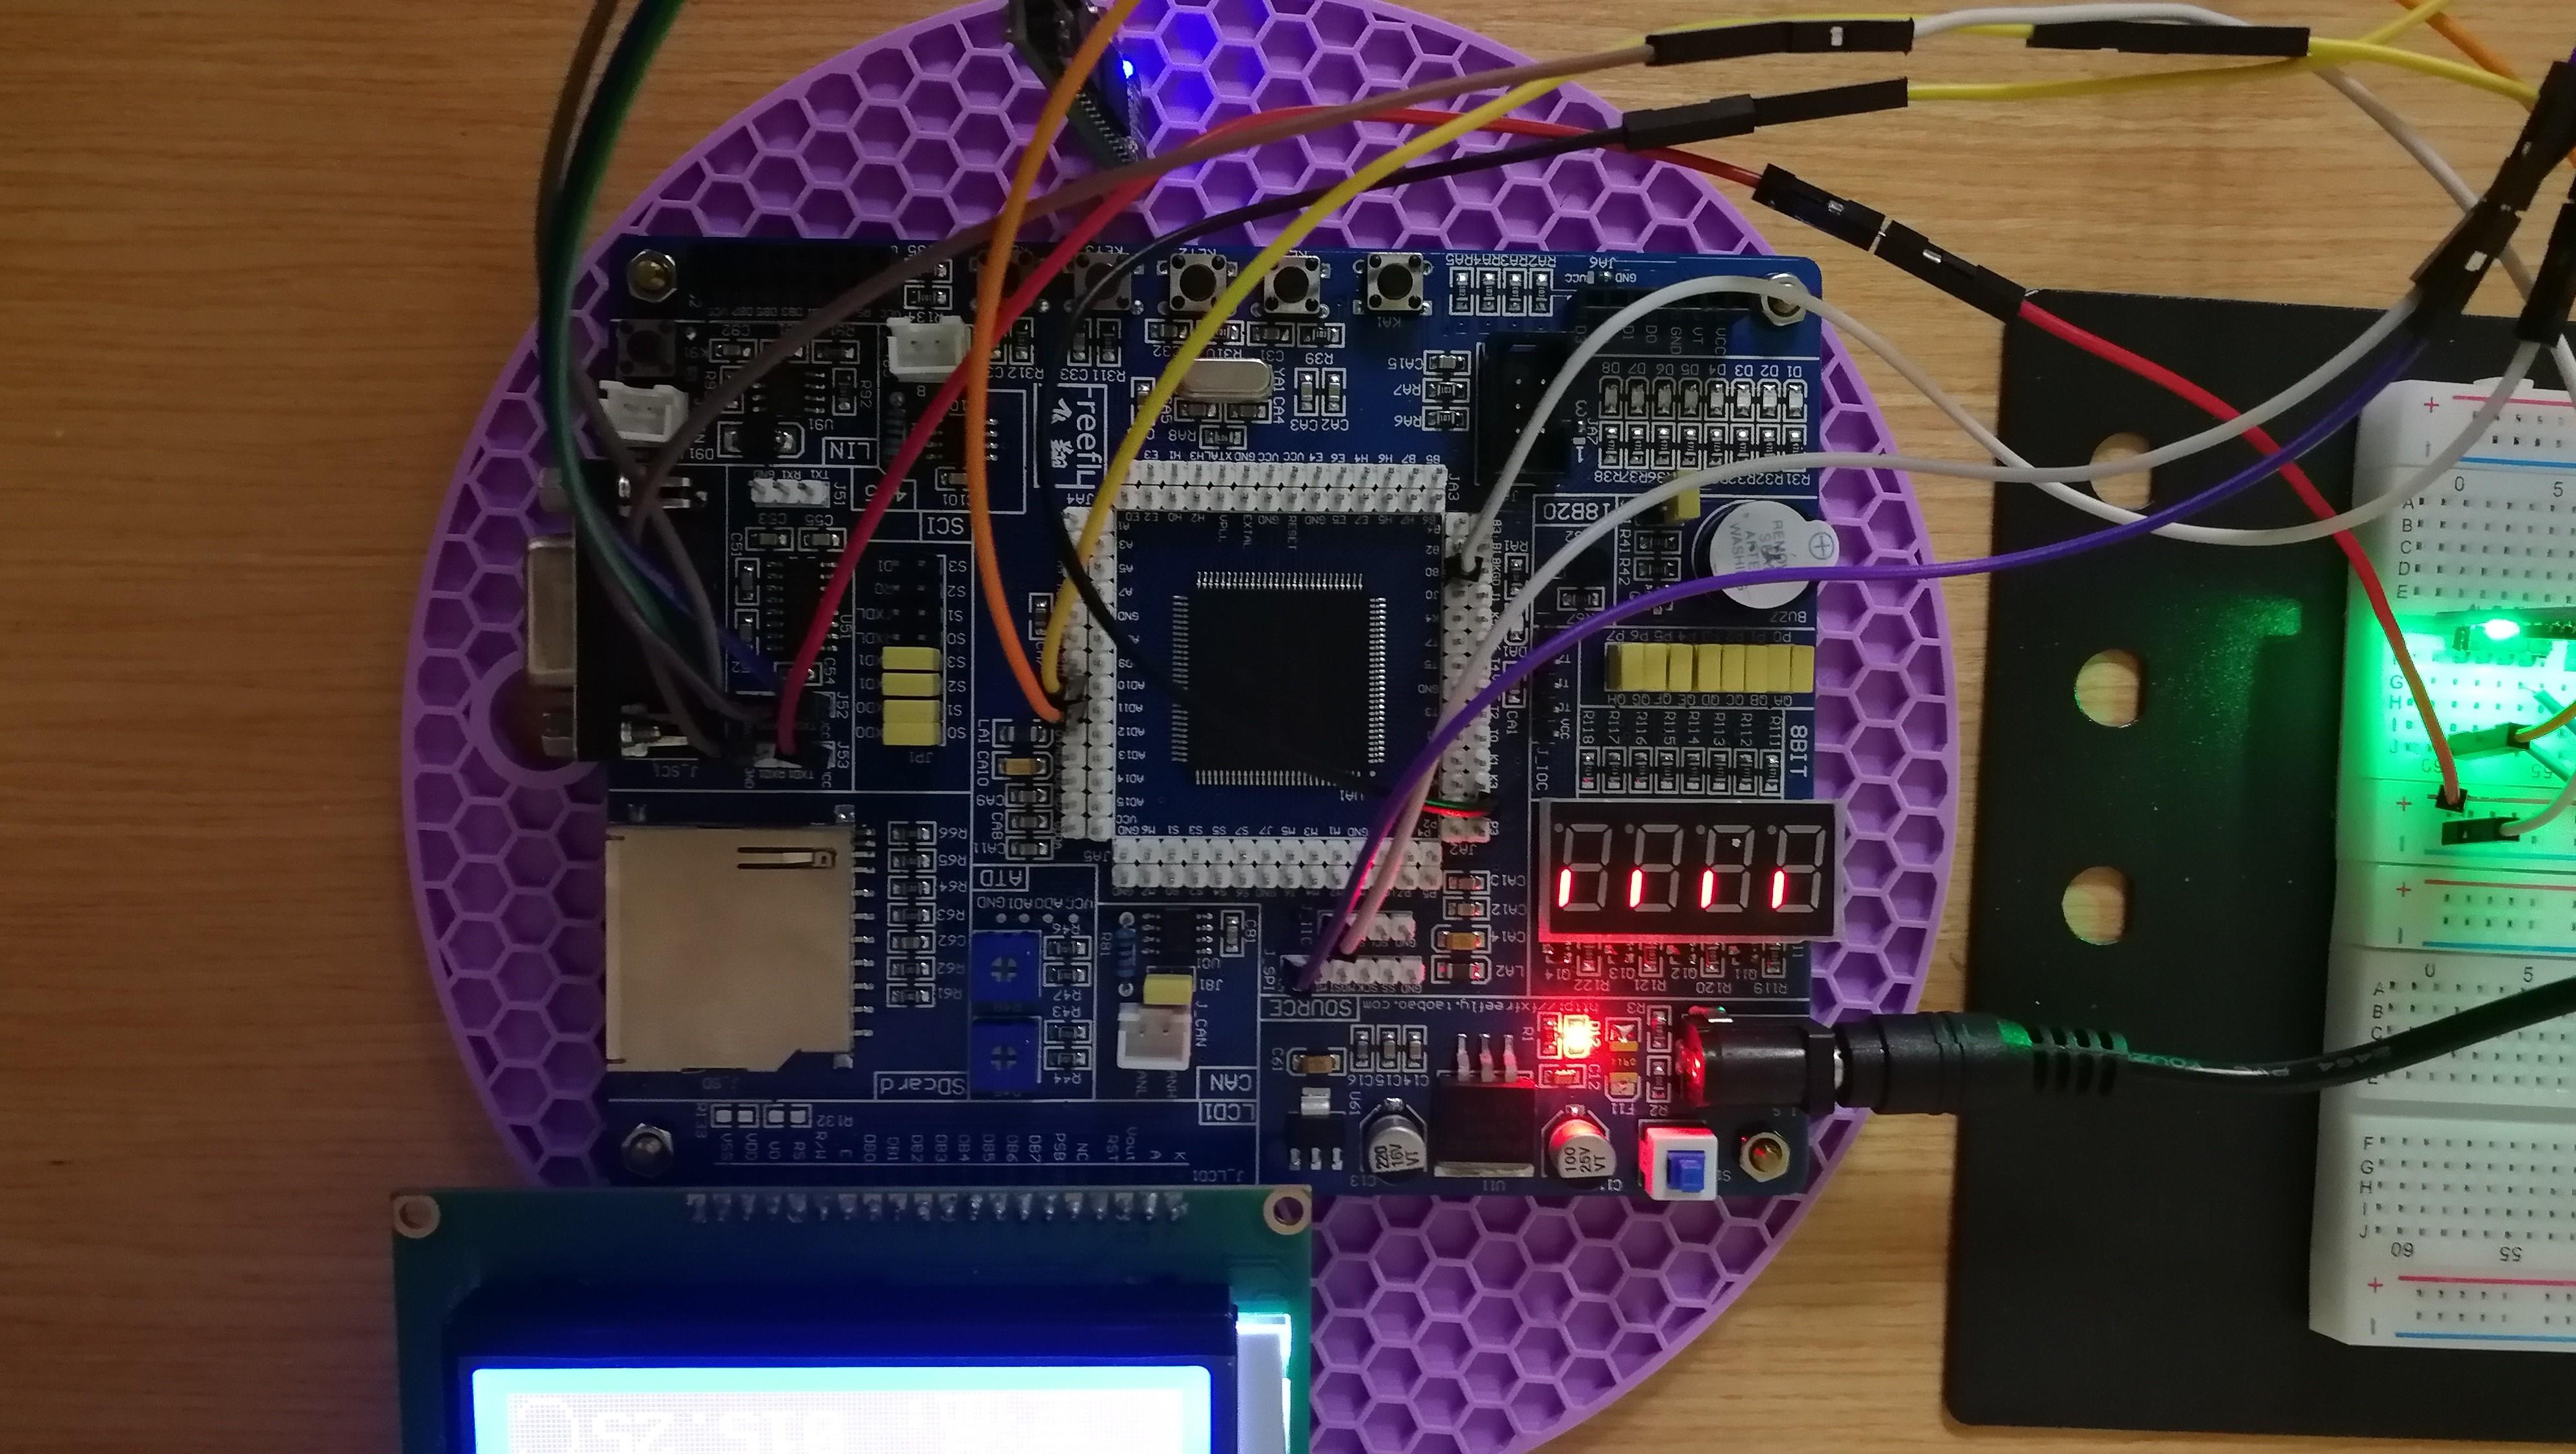 智能避雨感光窗户系统模型设计——基于飞思卡尔MC9S12XS128